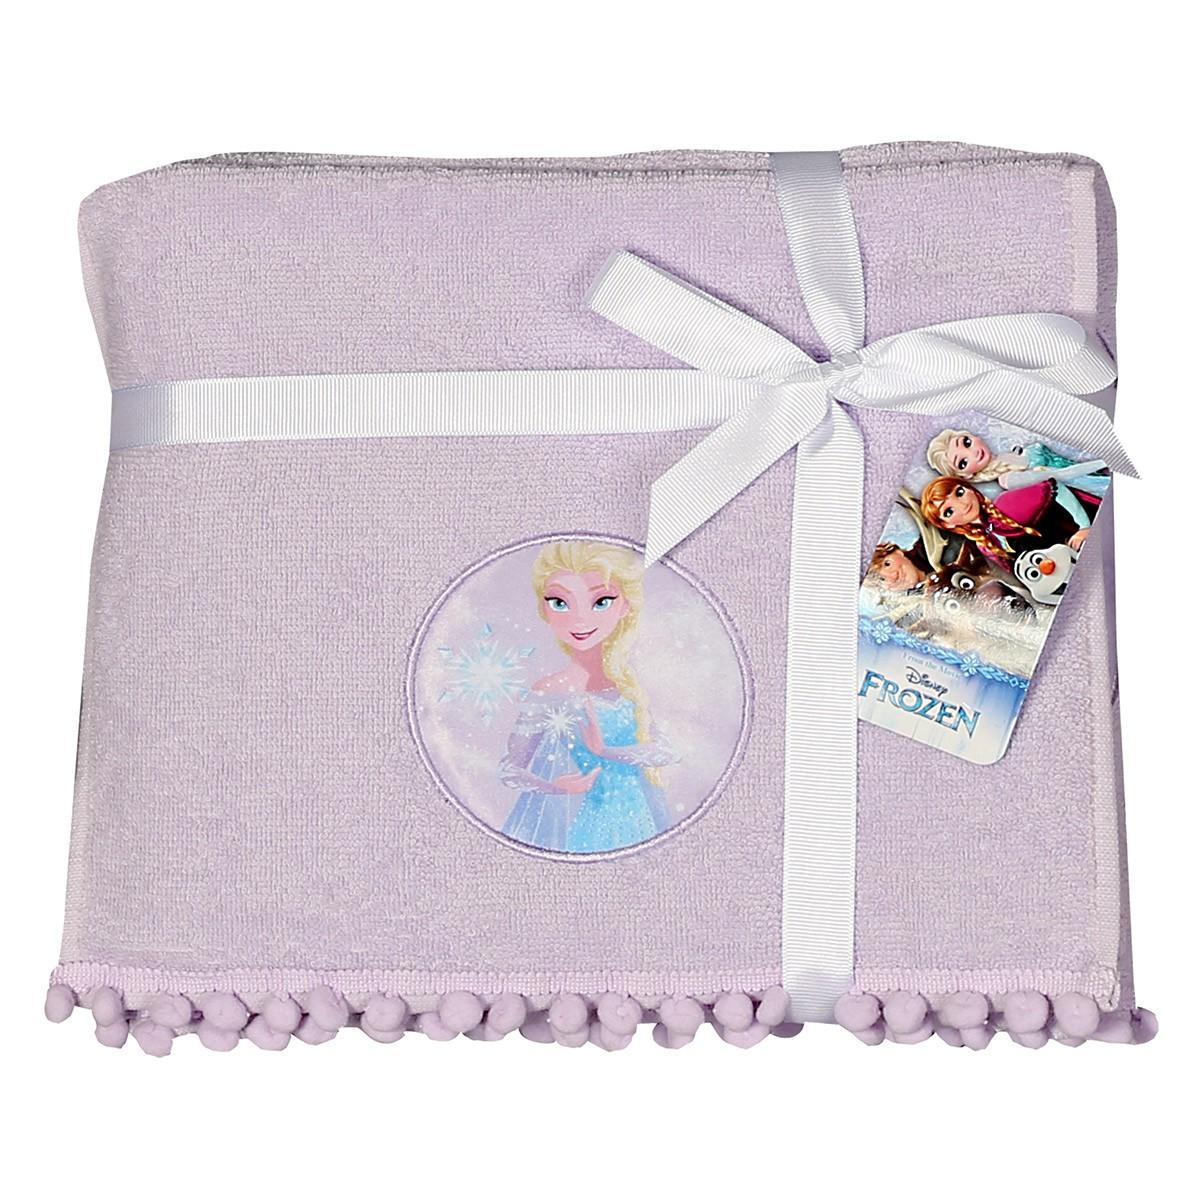 Παιδικές Πετσέτες (Σετ 2τμχ) Nef-Nef Disney Frozen Magic home   παιδικά   πετσέτες παιδικές